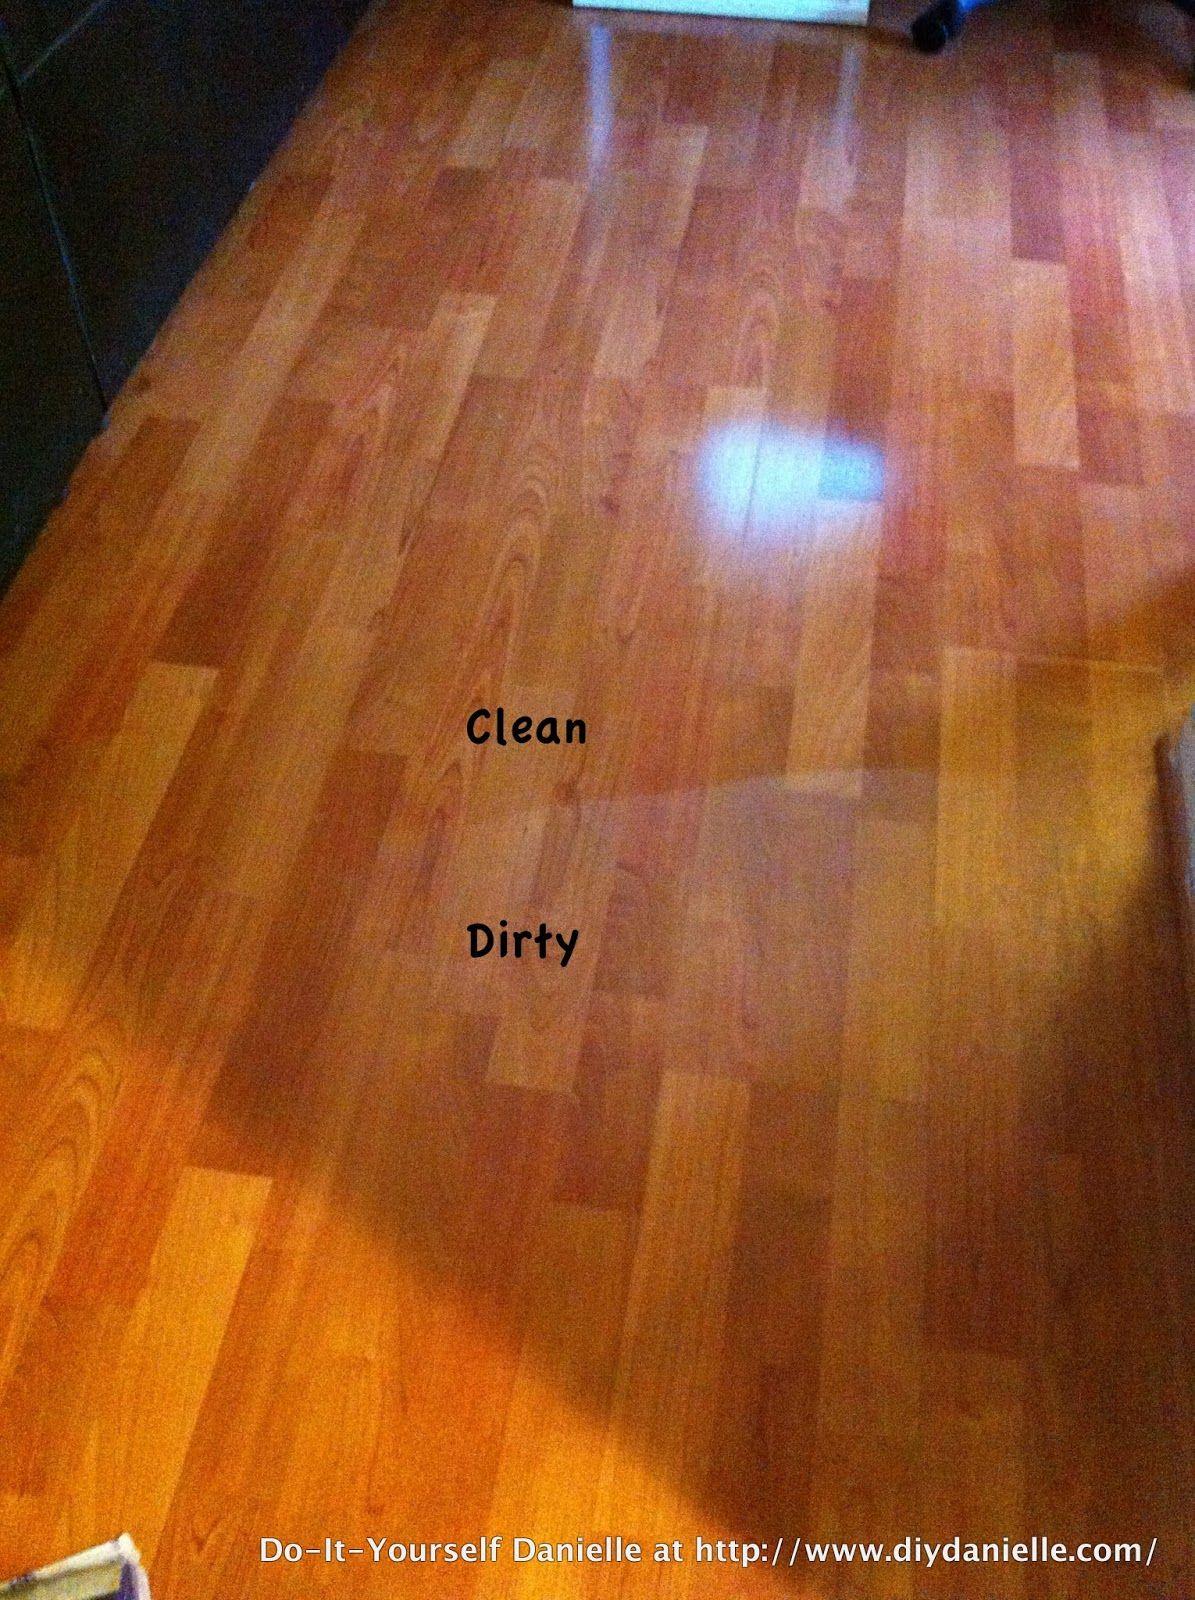 Diy laminate floor spraycleaner rubbing alcohol sprays and vinegar diy laminate floor spraycleaner solutioingenieria Images